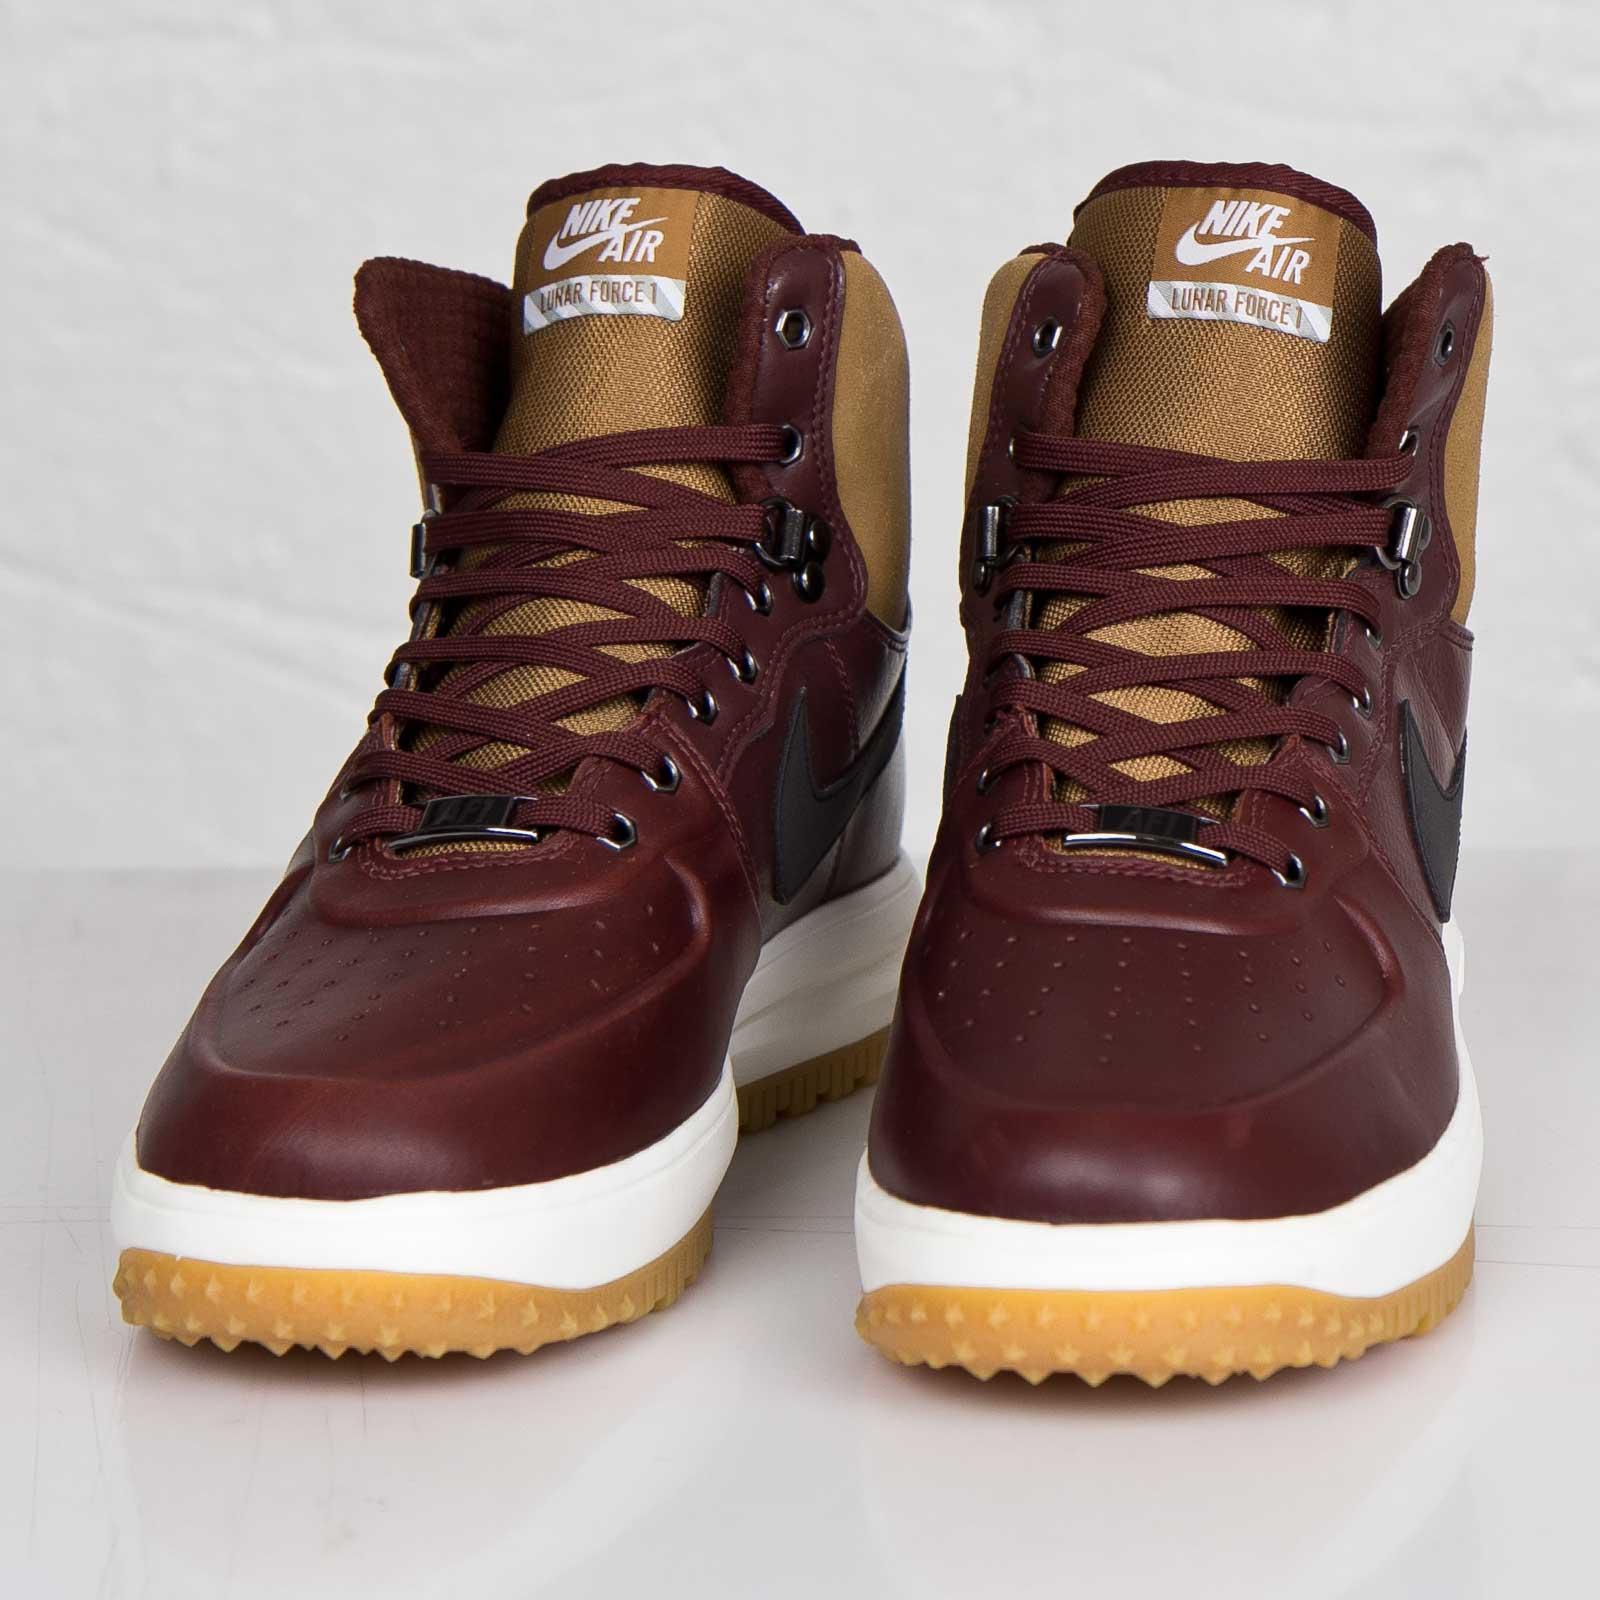 Nublado nosotros Biblioteca troncal  Nike Lunar Force 1 Sneakerboot - 654481-200 - Sneakersnstuff | sneakers &  streetwear online since 1999